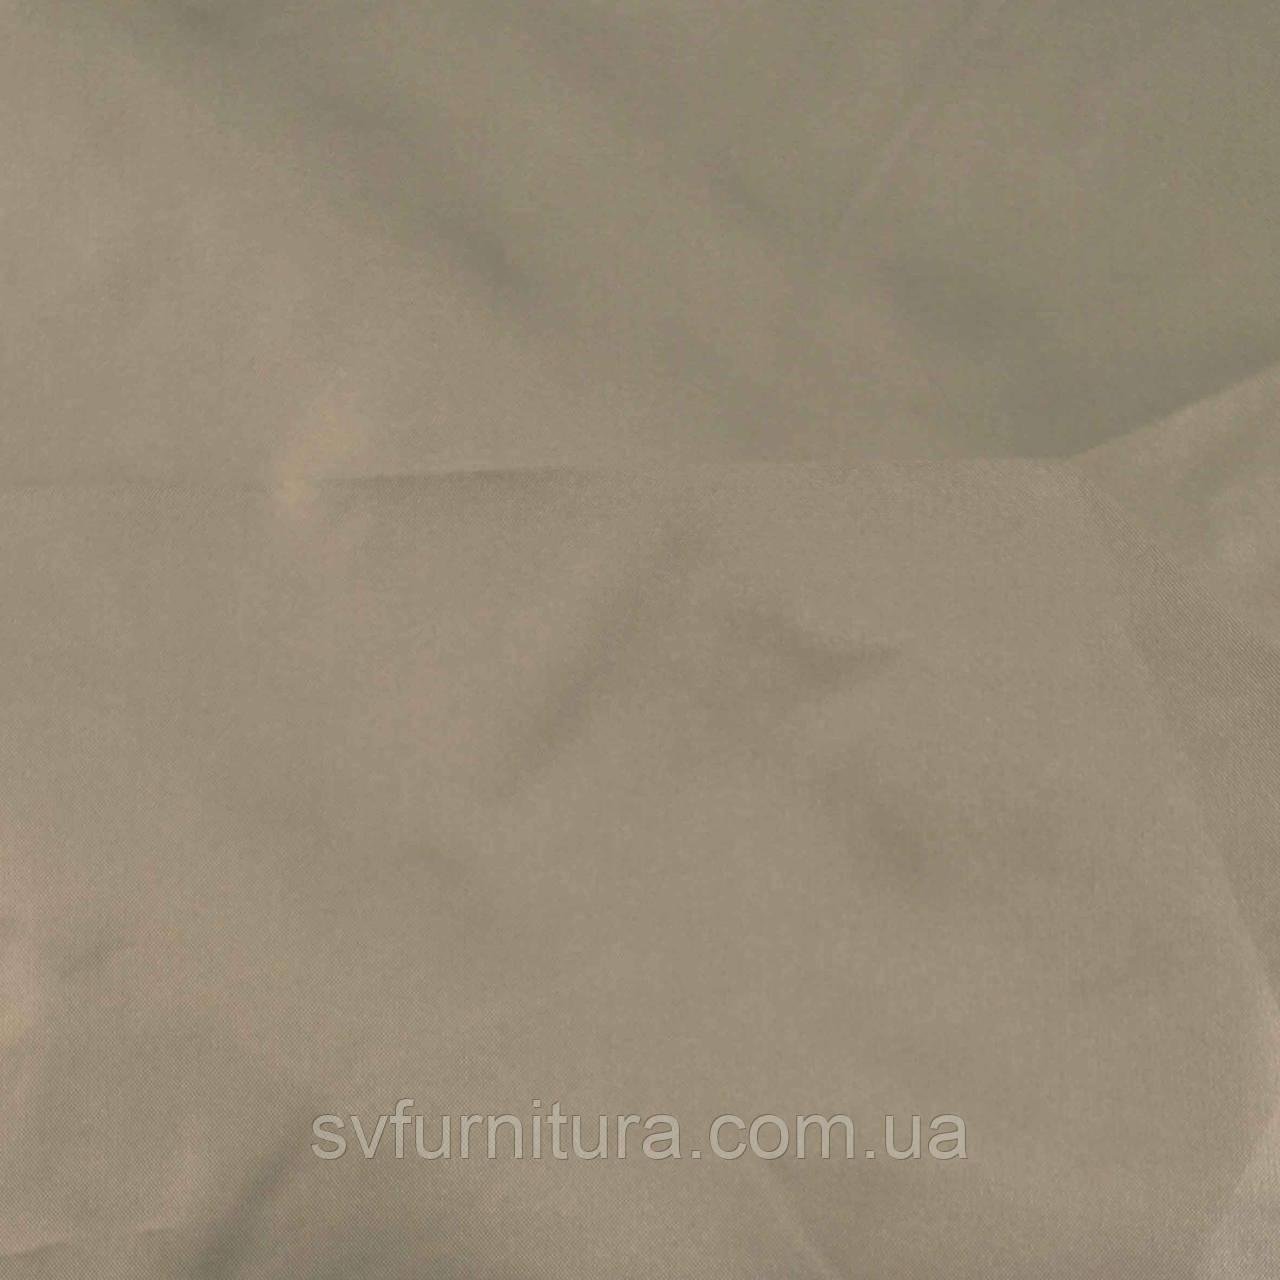 Тканина плащівка АА1 2020 11